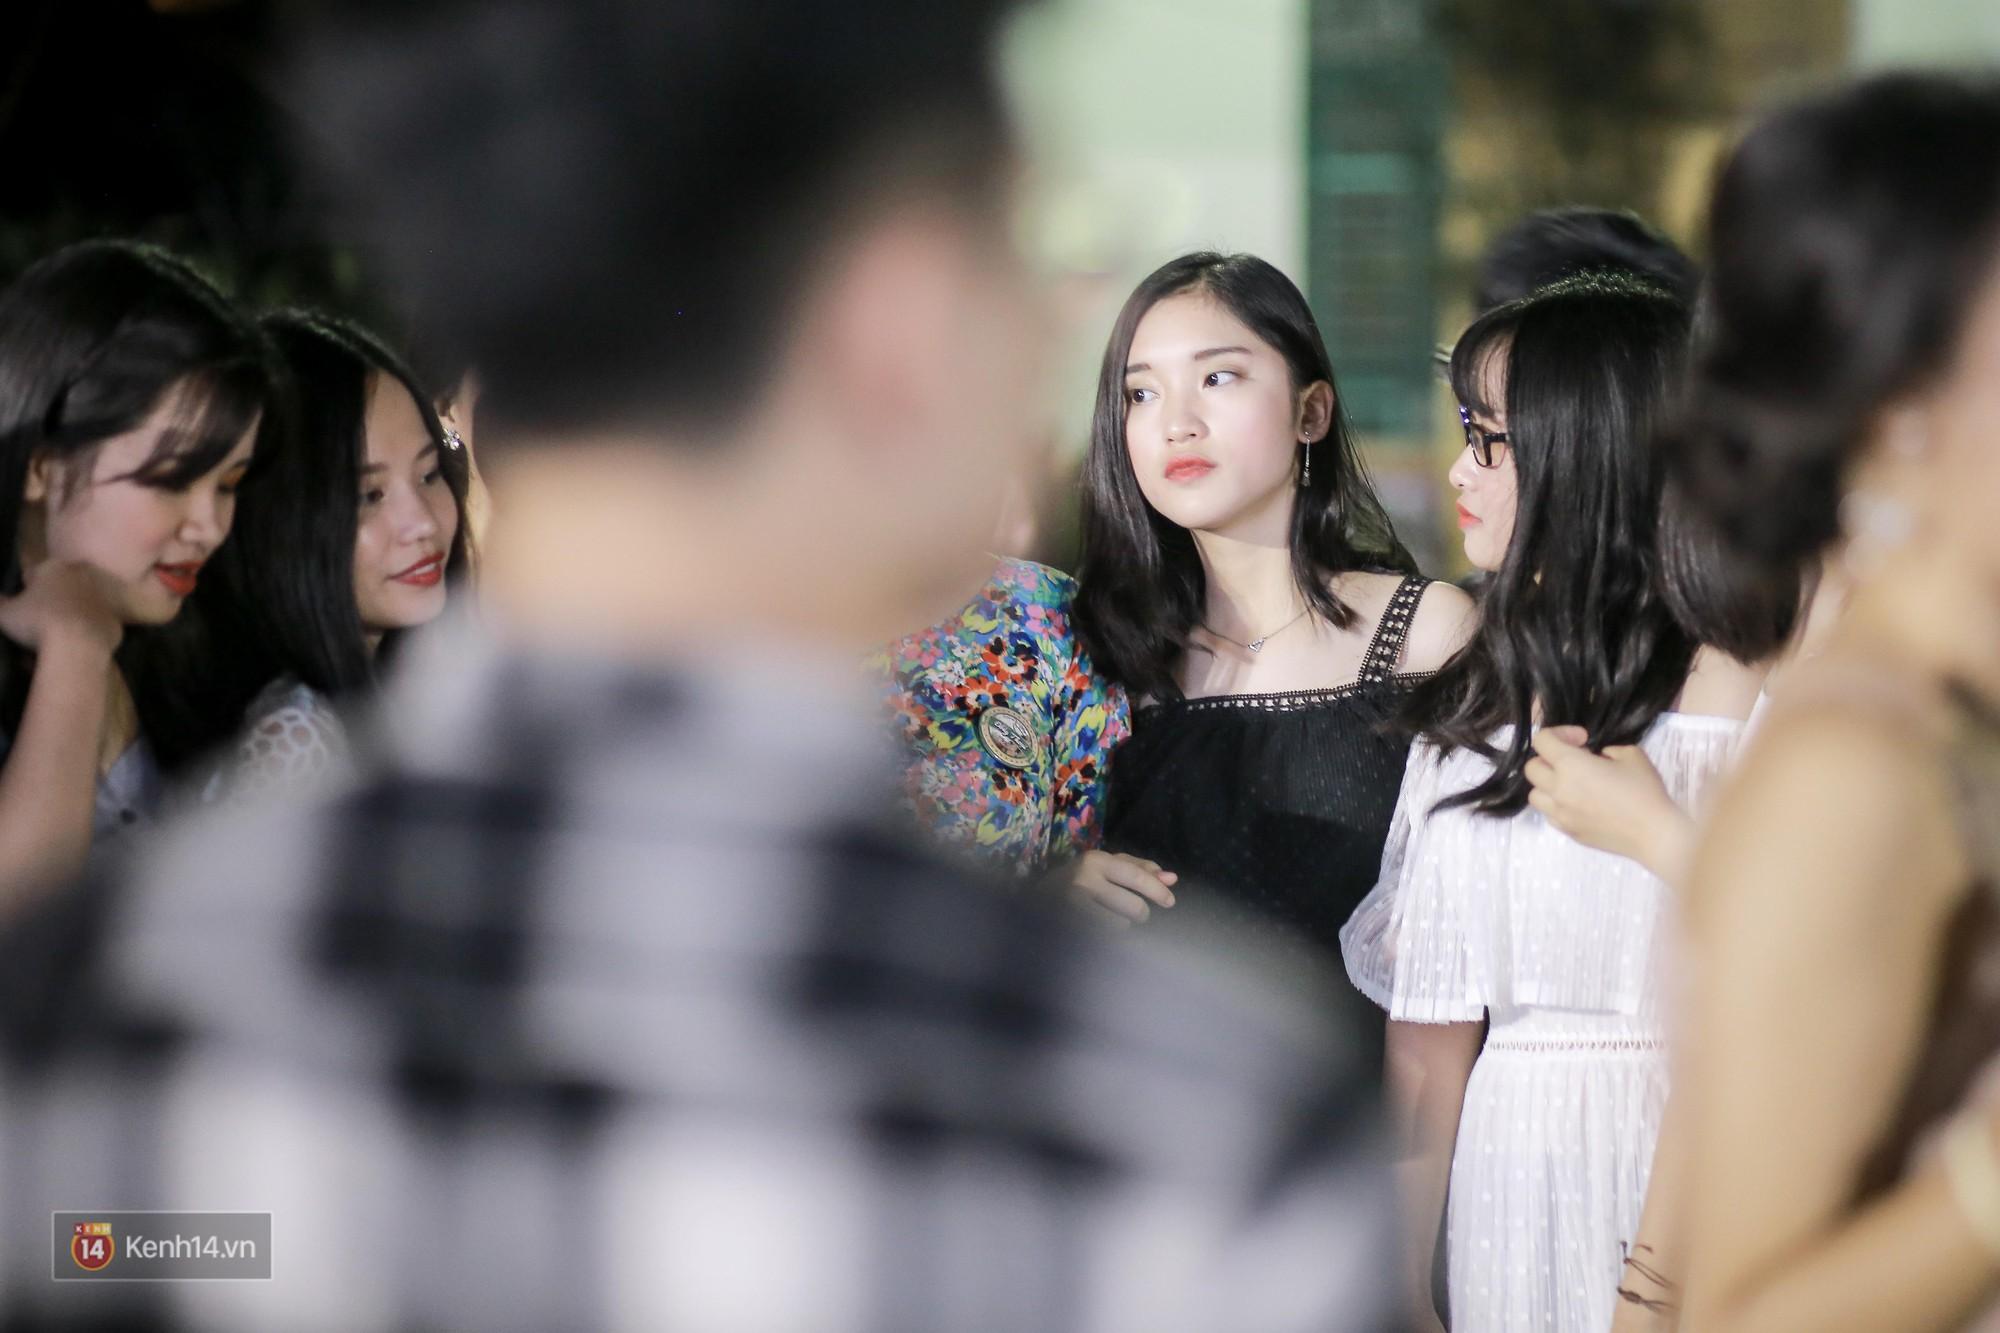 Nữ sinh Chu Văn An xinh ngẩn ngơ trong đêm tri ân/ trưởng thành - Ảnh 2.